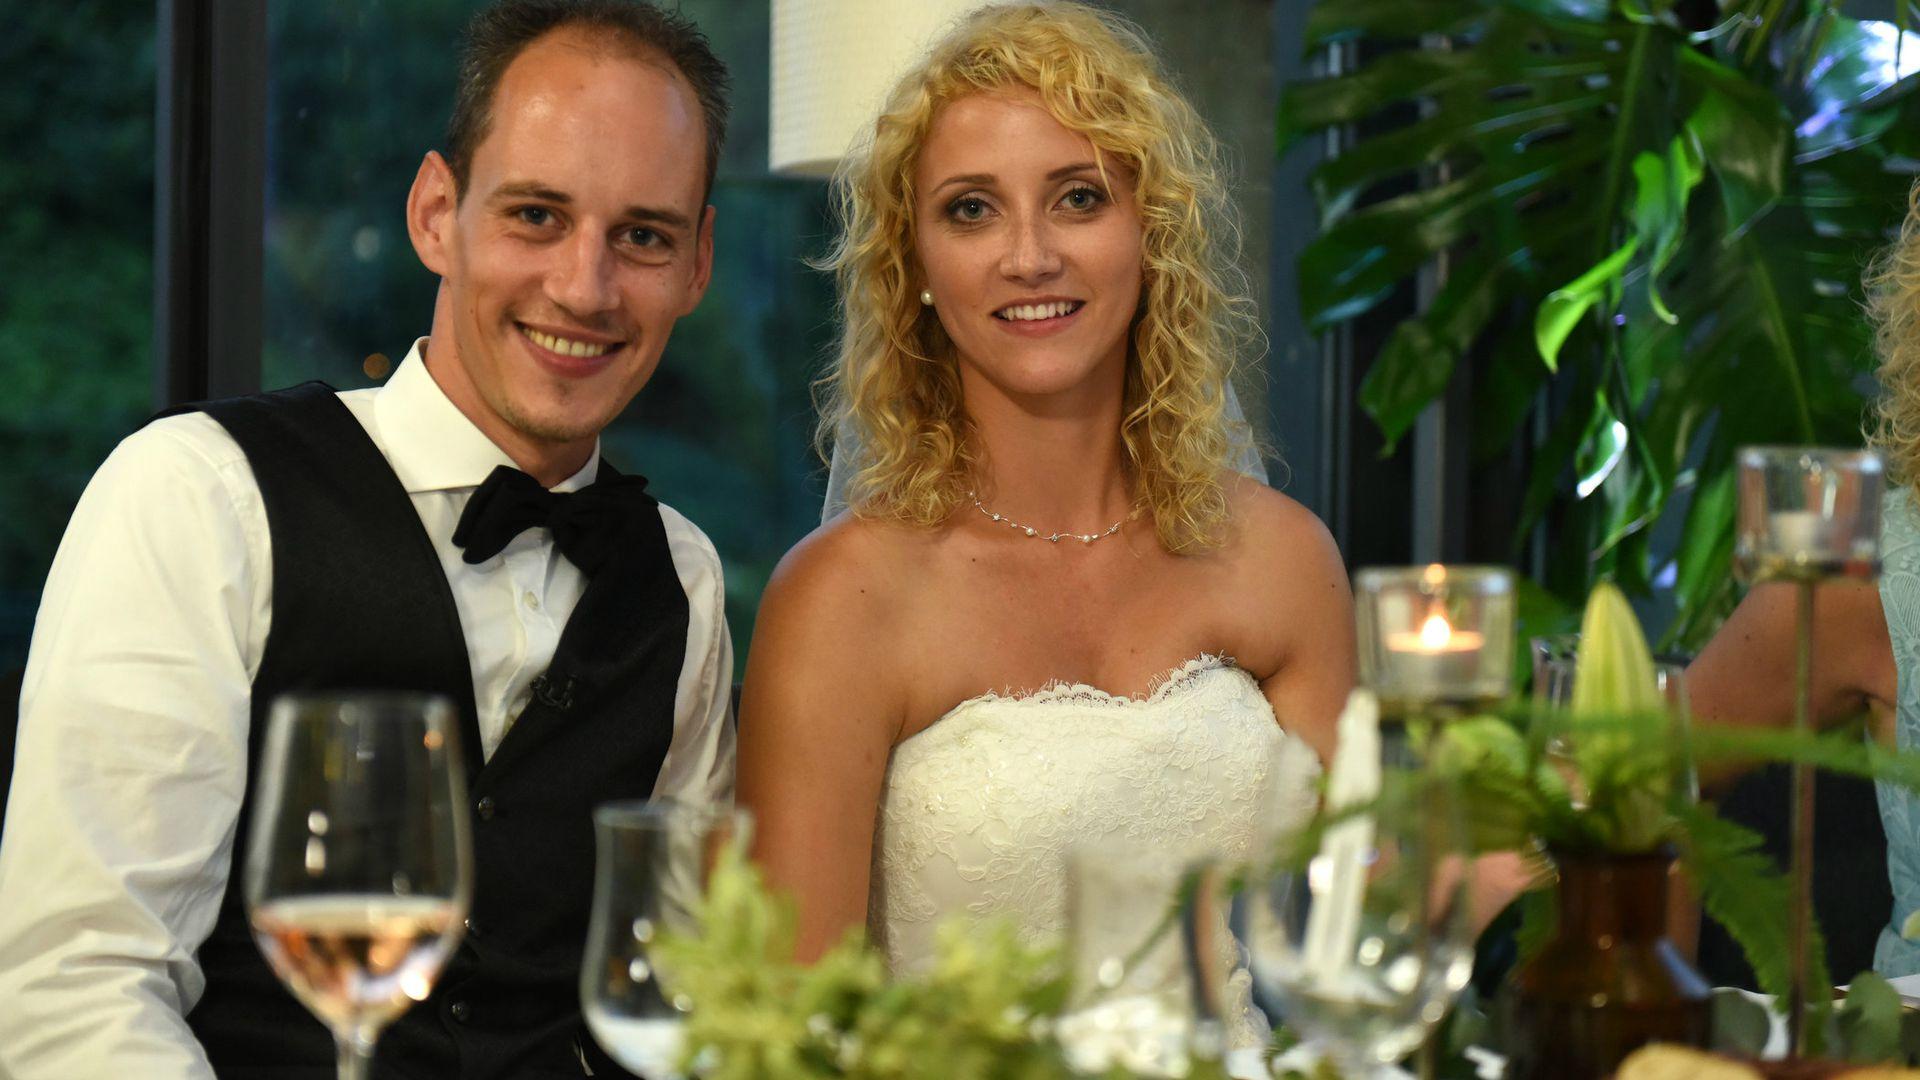 Hochzeit Auf Den Ersten Blick Selina Steve Sind Freunde